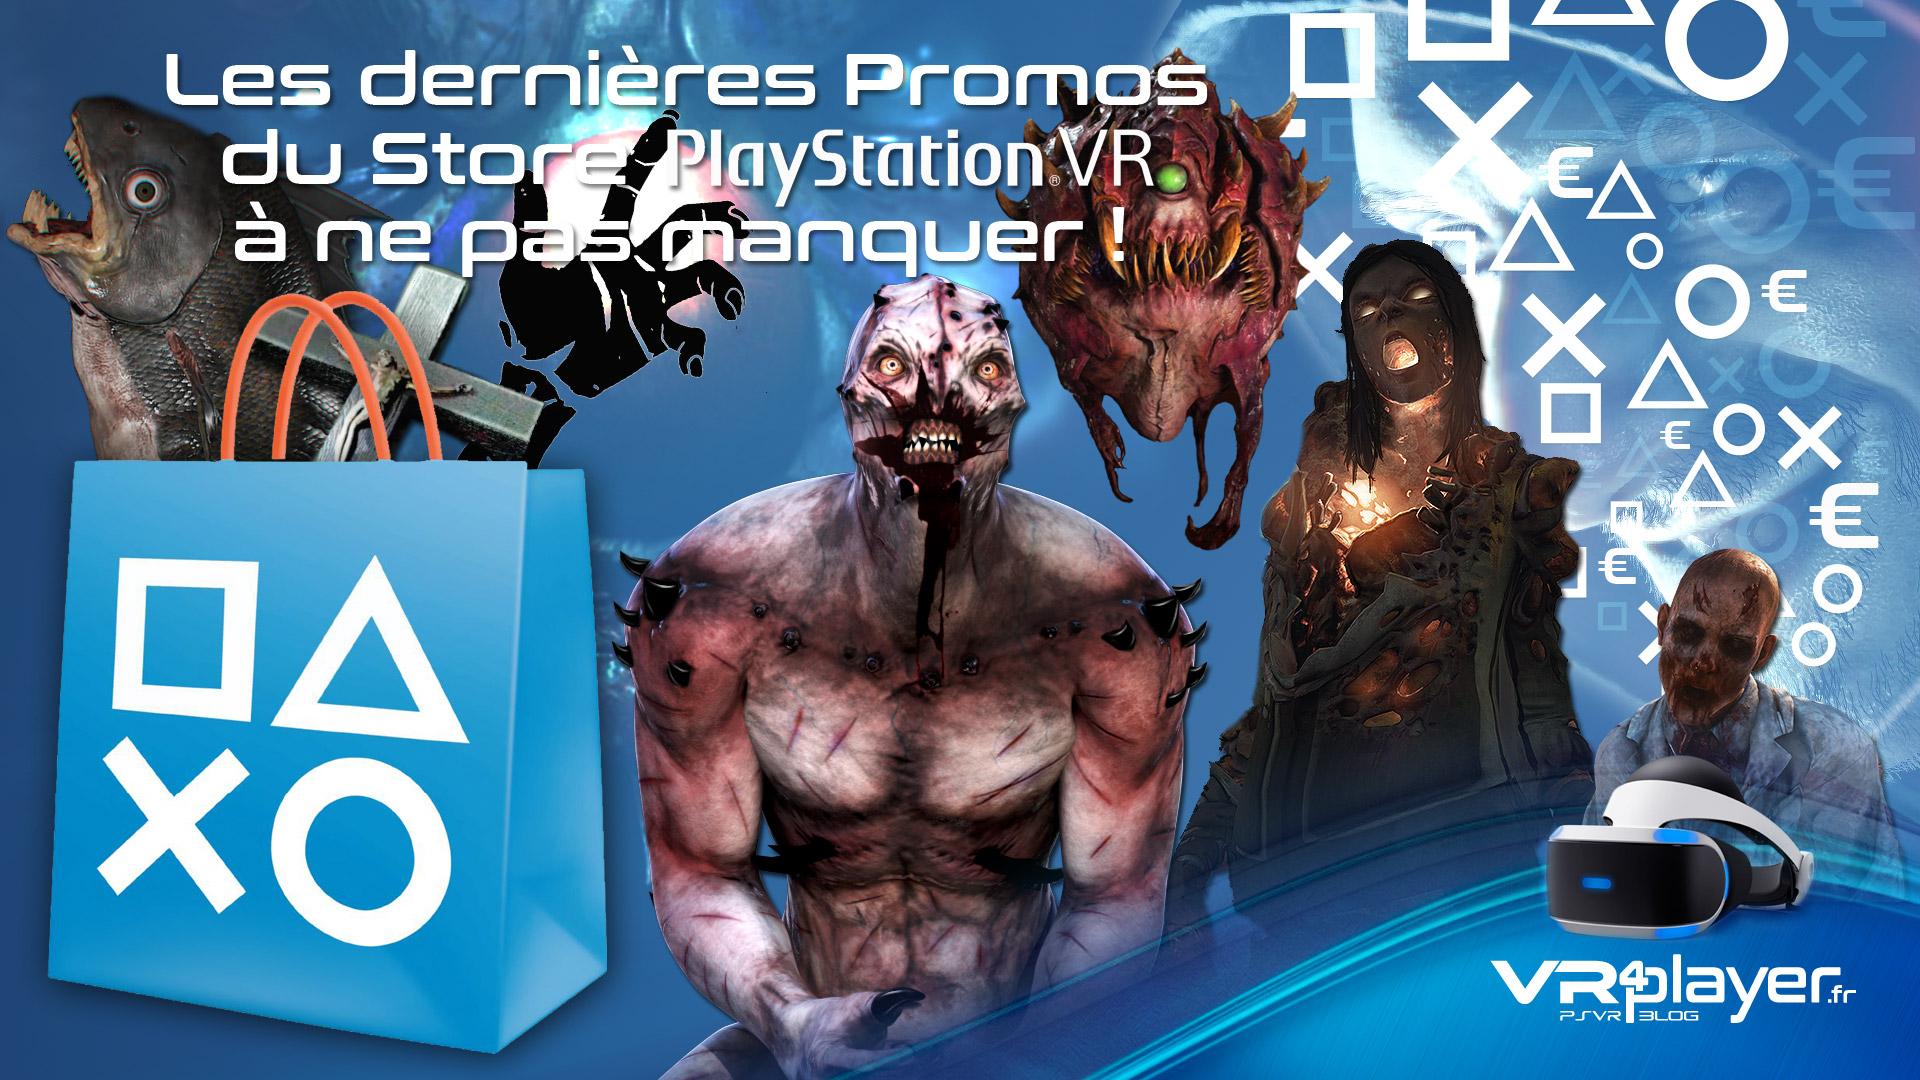 Les soldes spécial Halloween du PSVR vr4player.fr